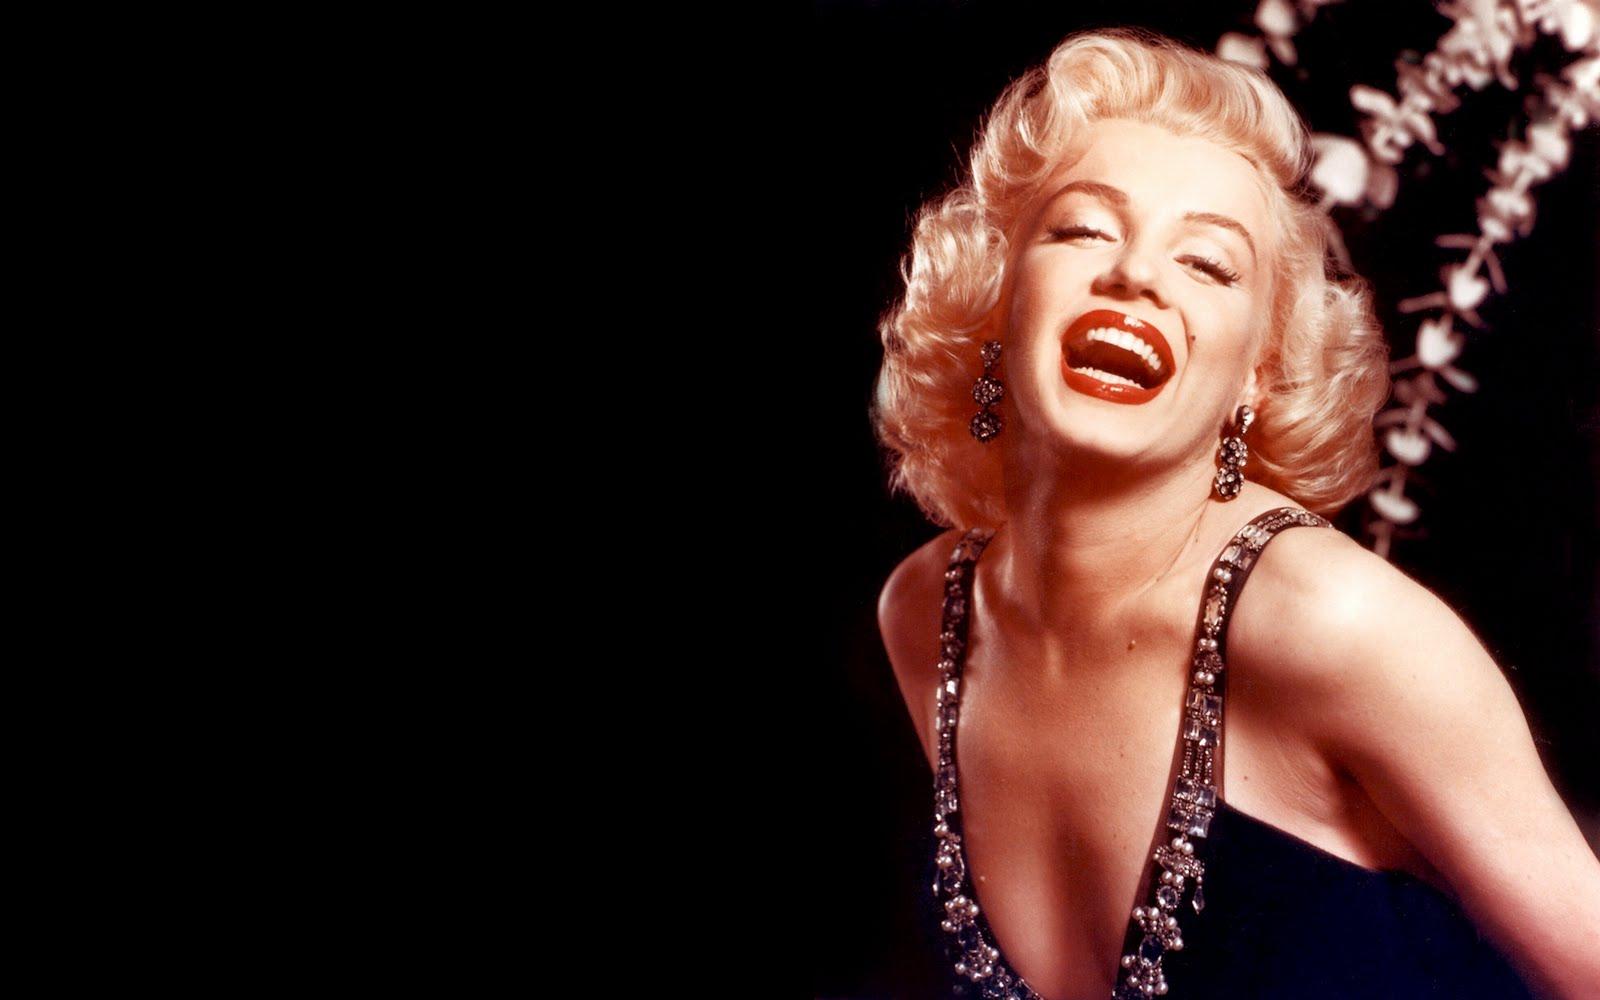 http://4.bp.blogspot.com/-cbHlcGu3_PU/TgS1J6XjzUI/AAAAAAAACN4/XlFIzZgqZrI/s1600/Marilyn%2BMonroe%2BWallpaper.jpg